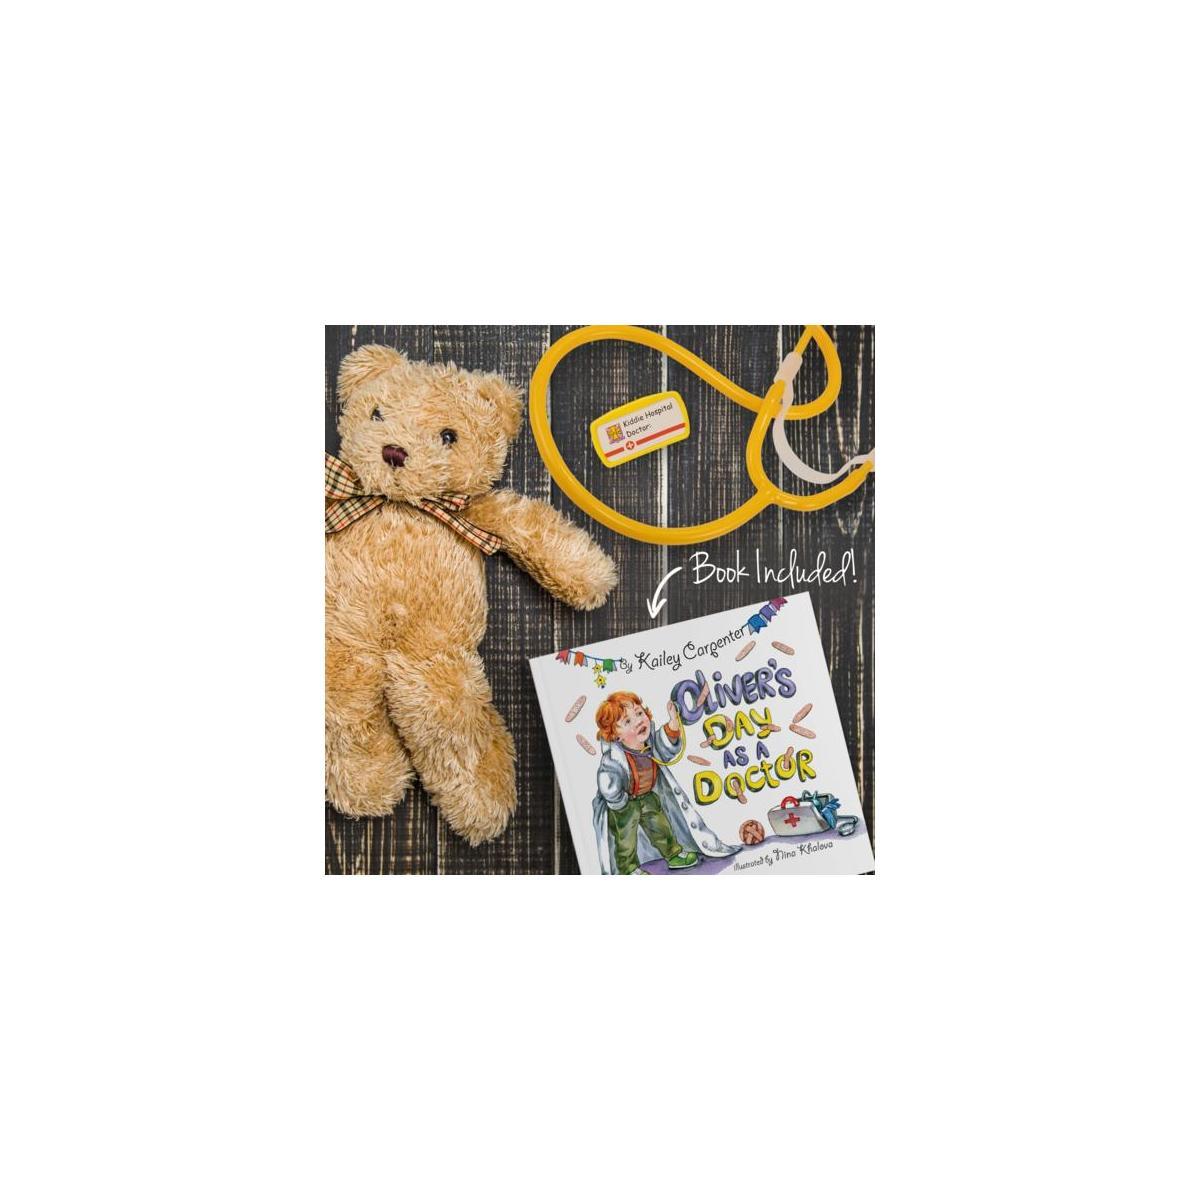 Li'l-Gen Pretend Play Doctor Kit for Kids - Includes